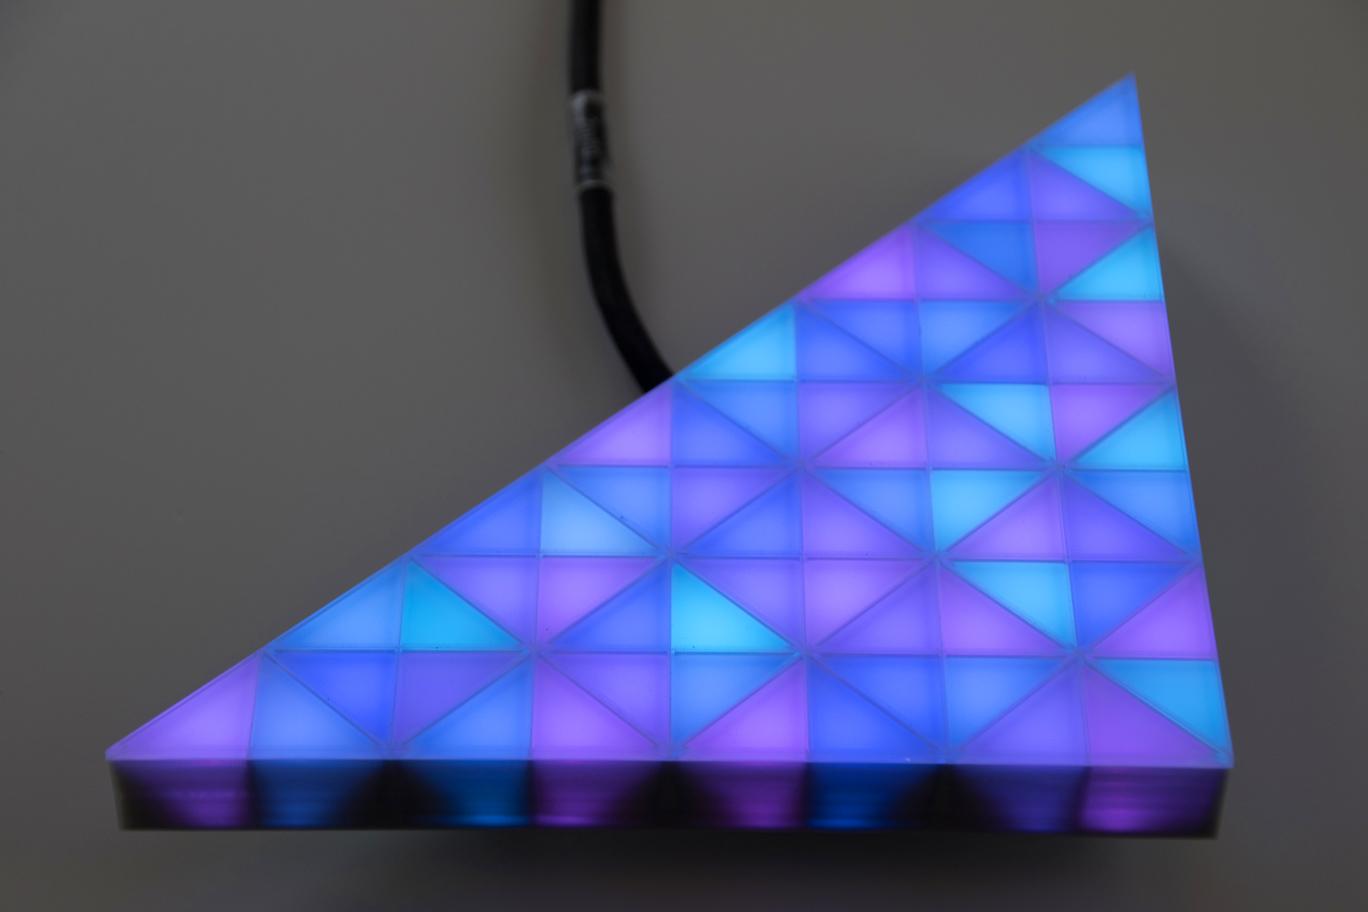 voll videofähiges, blau leuchtendes LED-Modul in einer dreieckigen Form